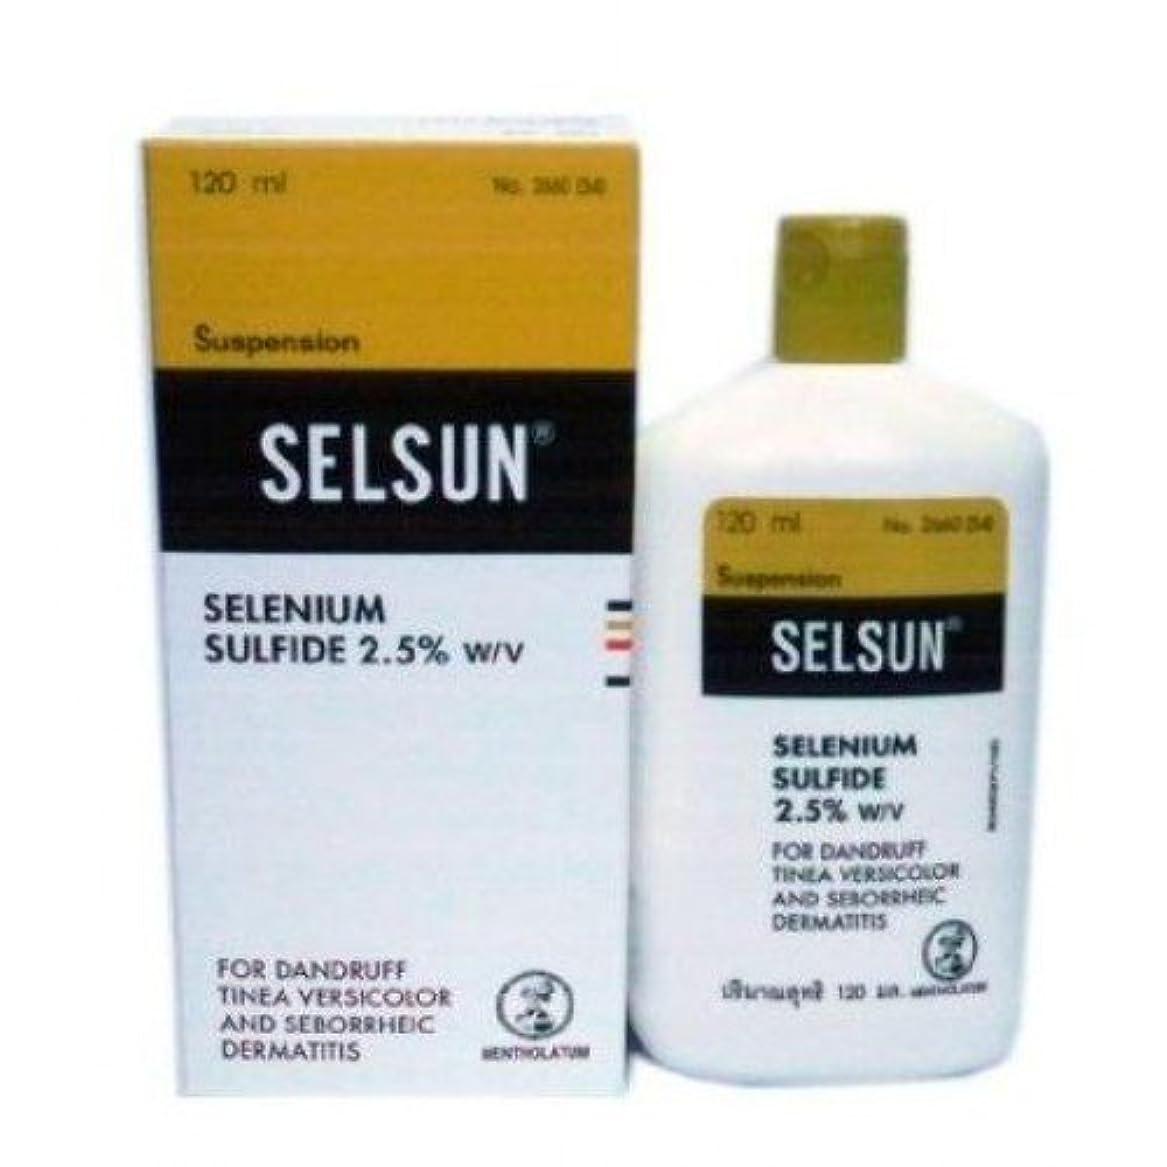 召集する残酷窒息させるSELSUN anti-dandruff shampoo 120ml  セルサン シャンプー